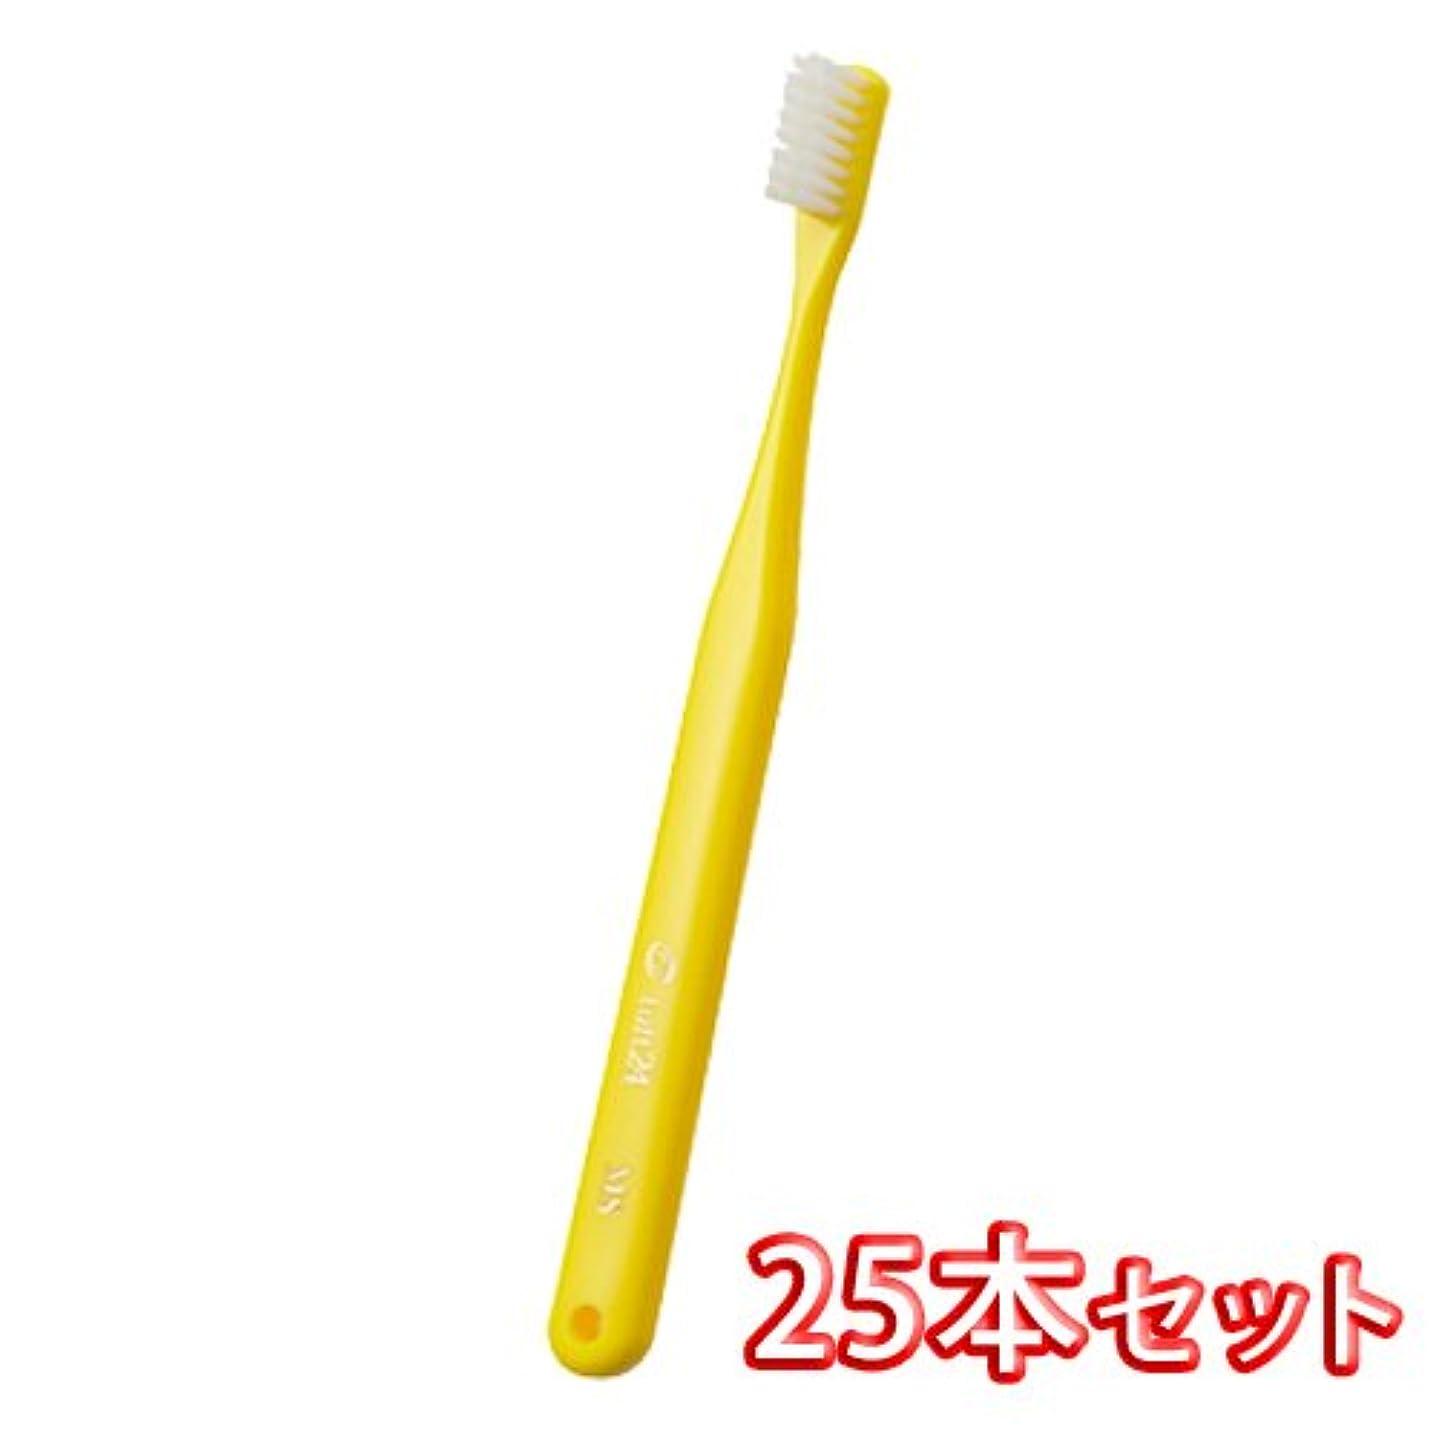 トーク選択ウナギオーラルケア キャップ付き タフト 24歯ブラシ 25本入 ミディアム M (イエロー)